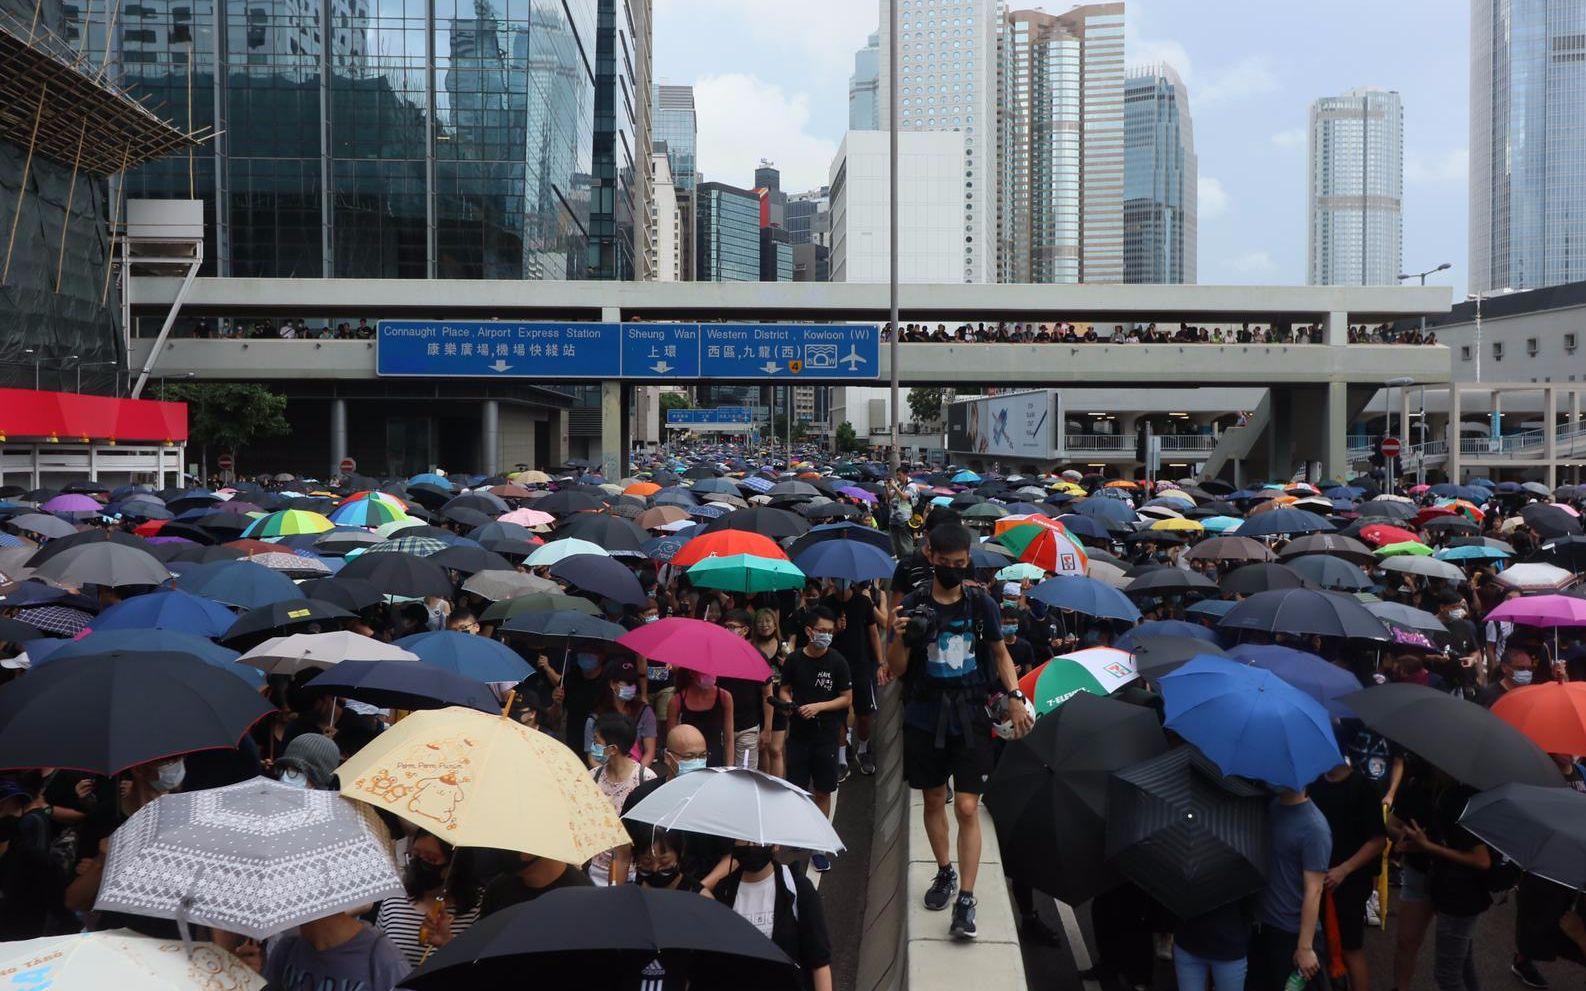 香港多处现非法集会:示威者拆卸栏杆,港铁关闭部分站点